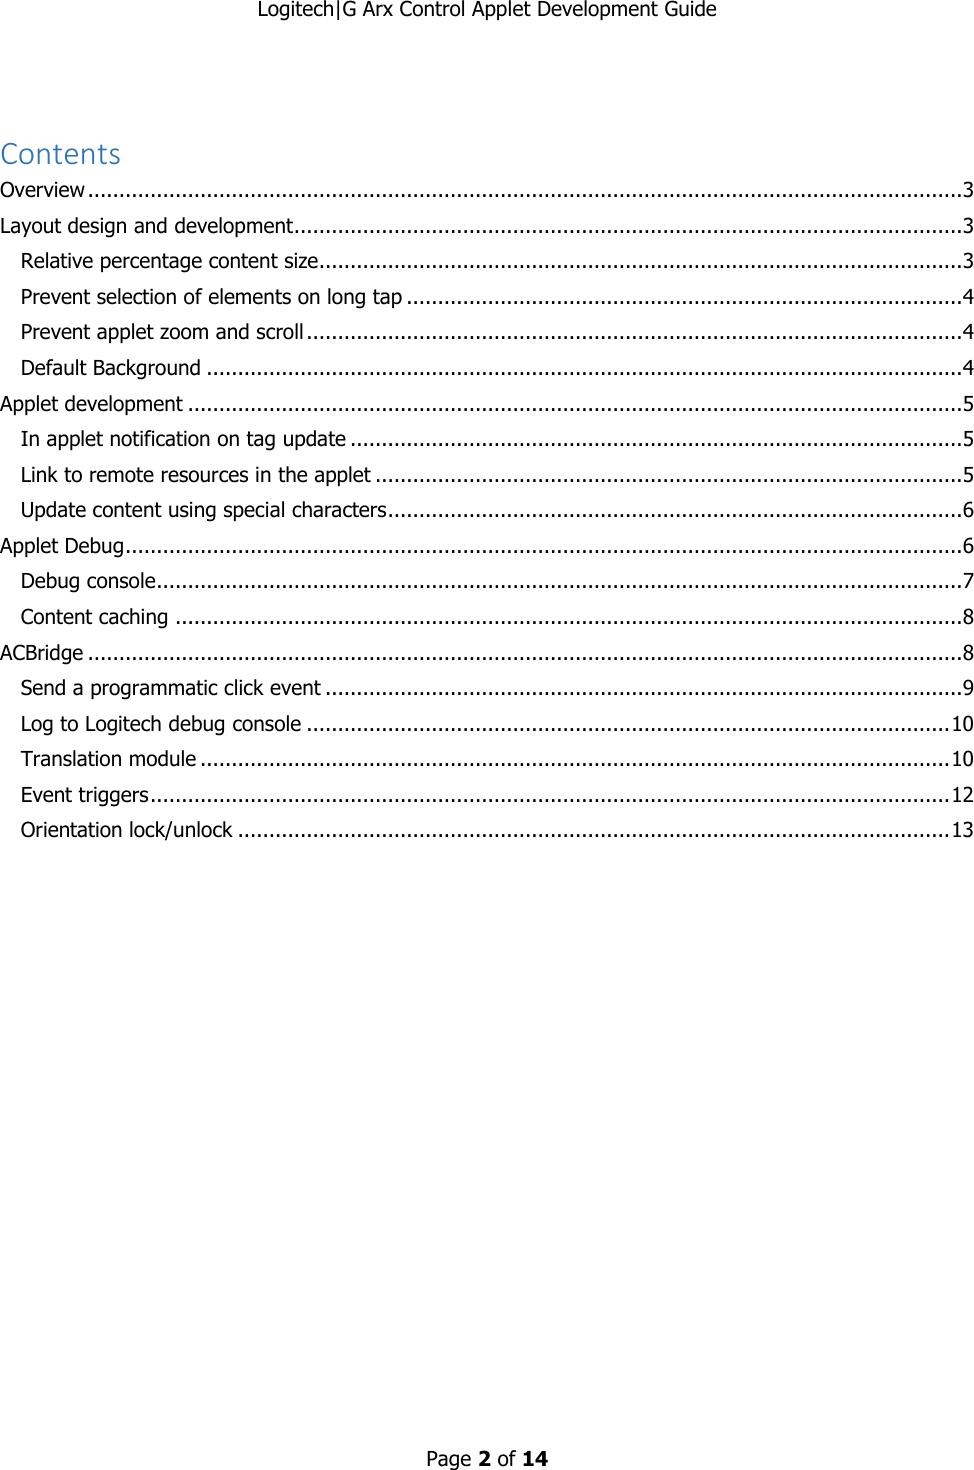 AppletDevelopmentGuidexx Applet Development Guide